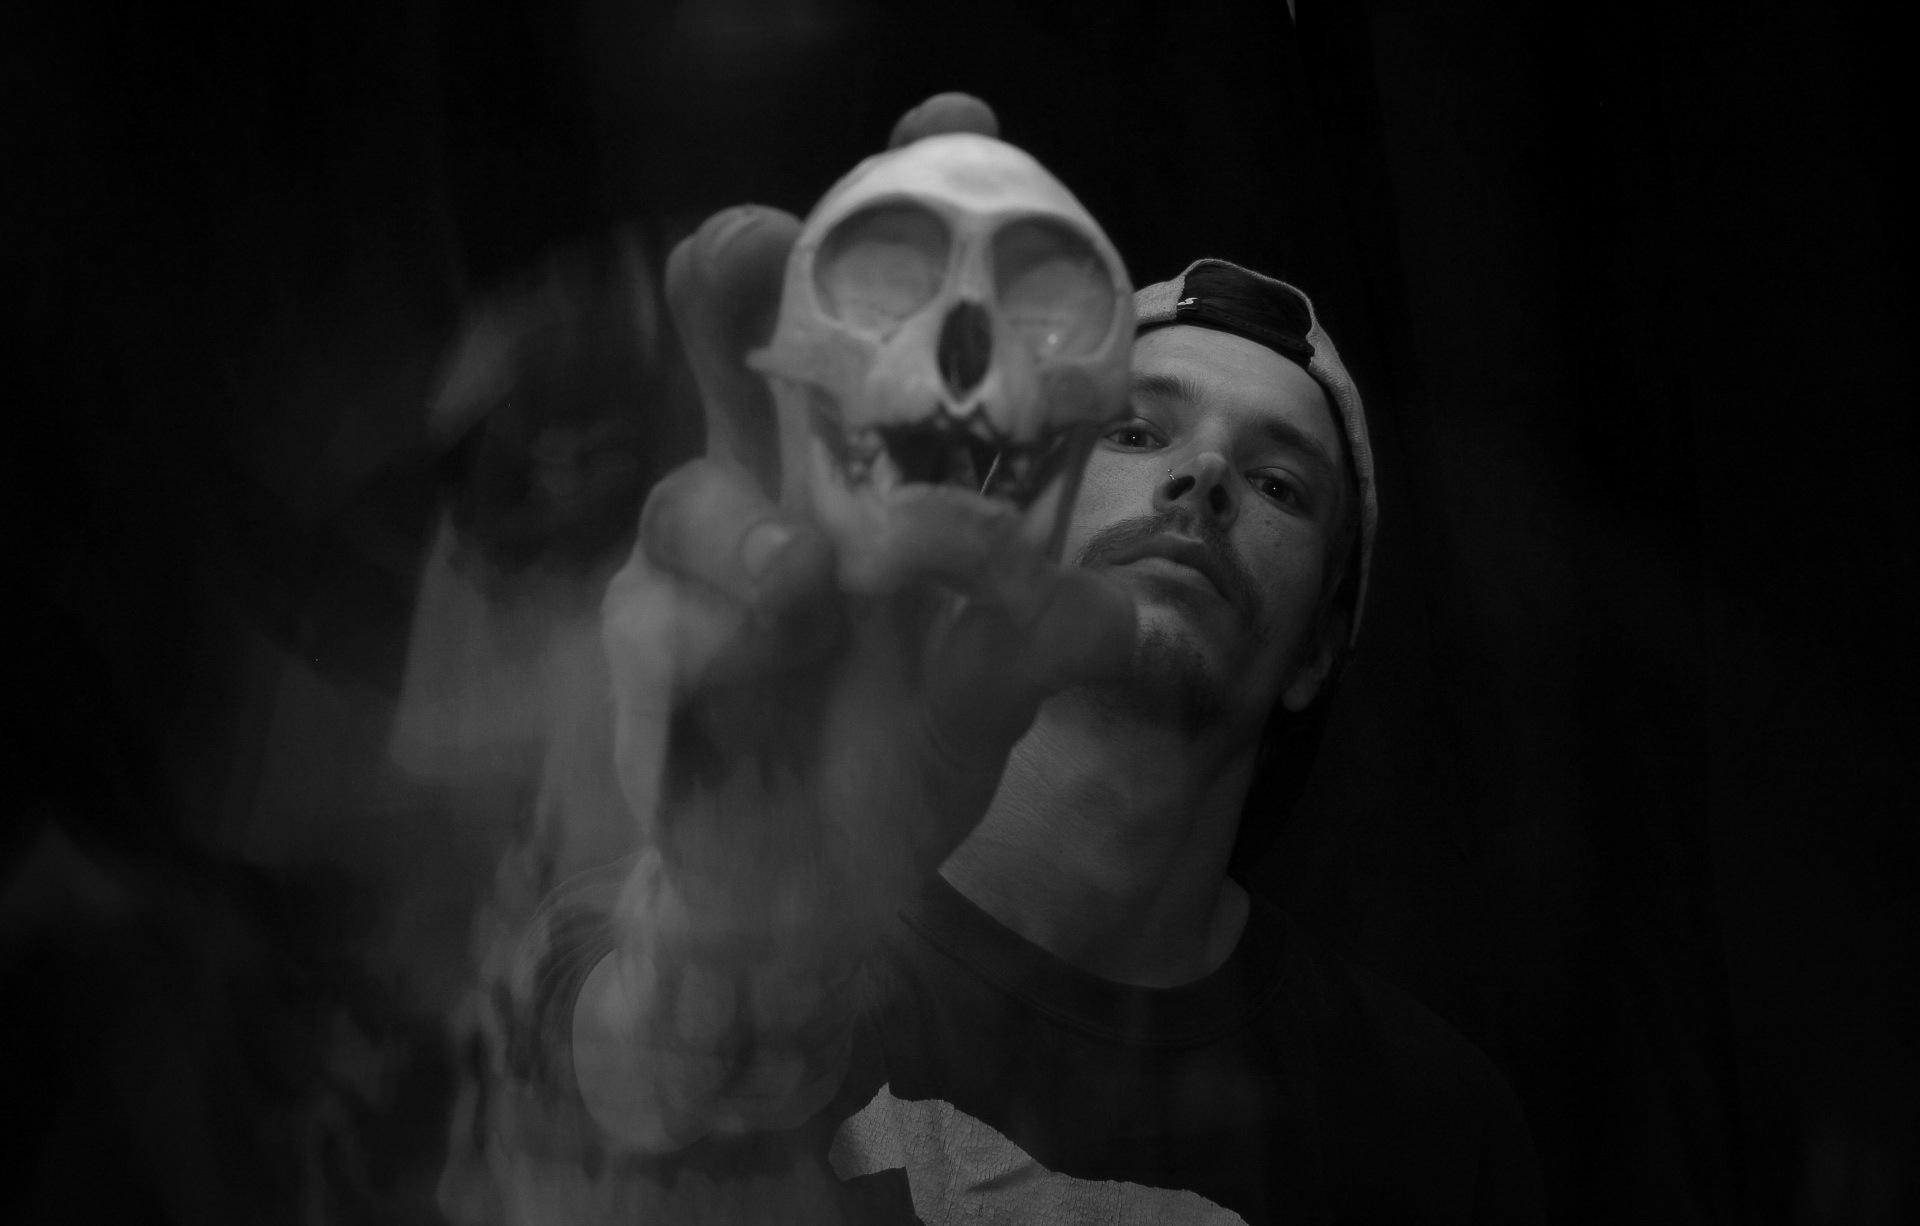 666 by Dan whitney